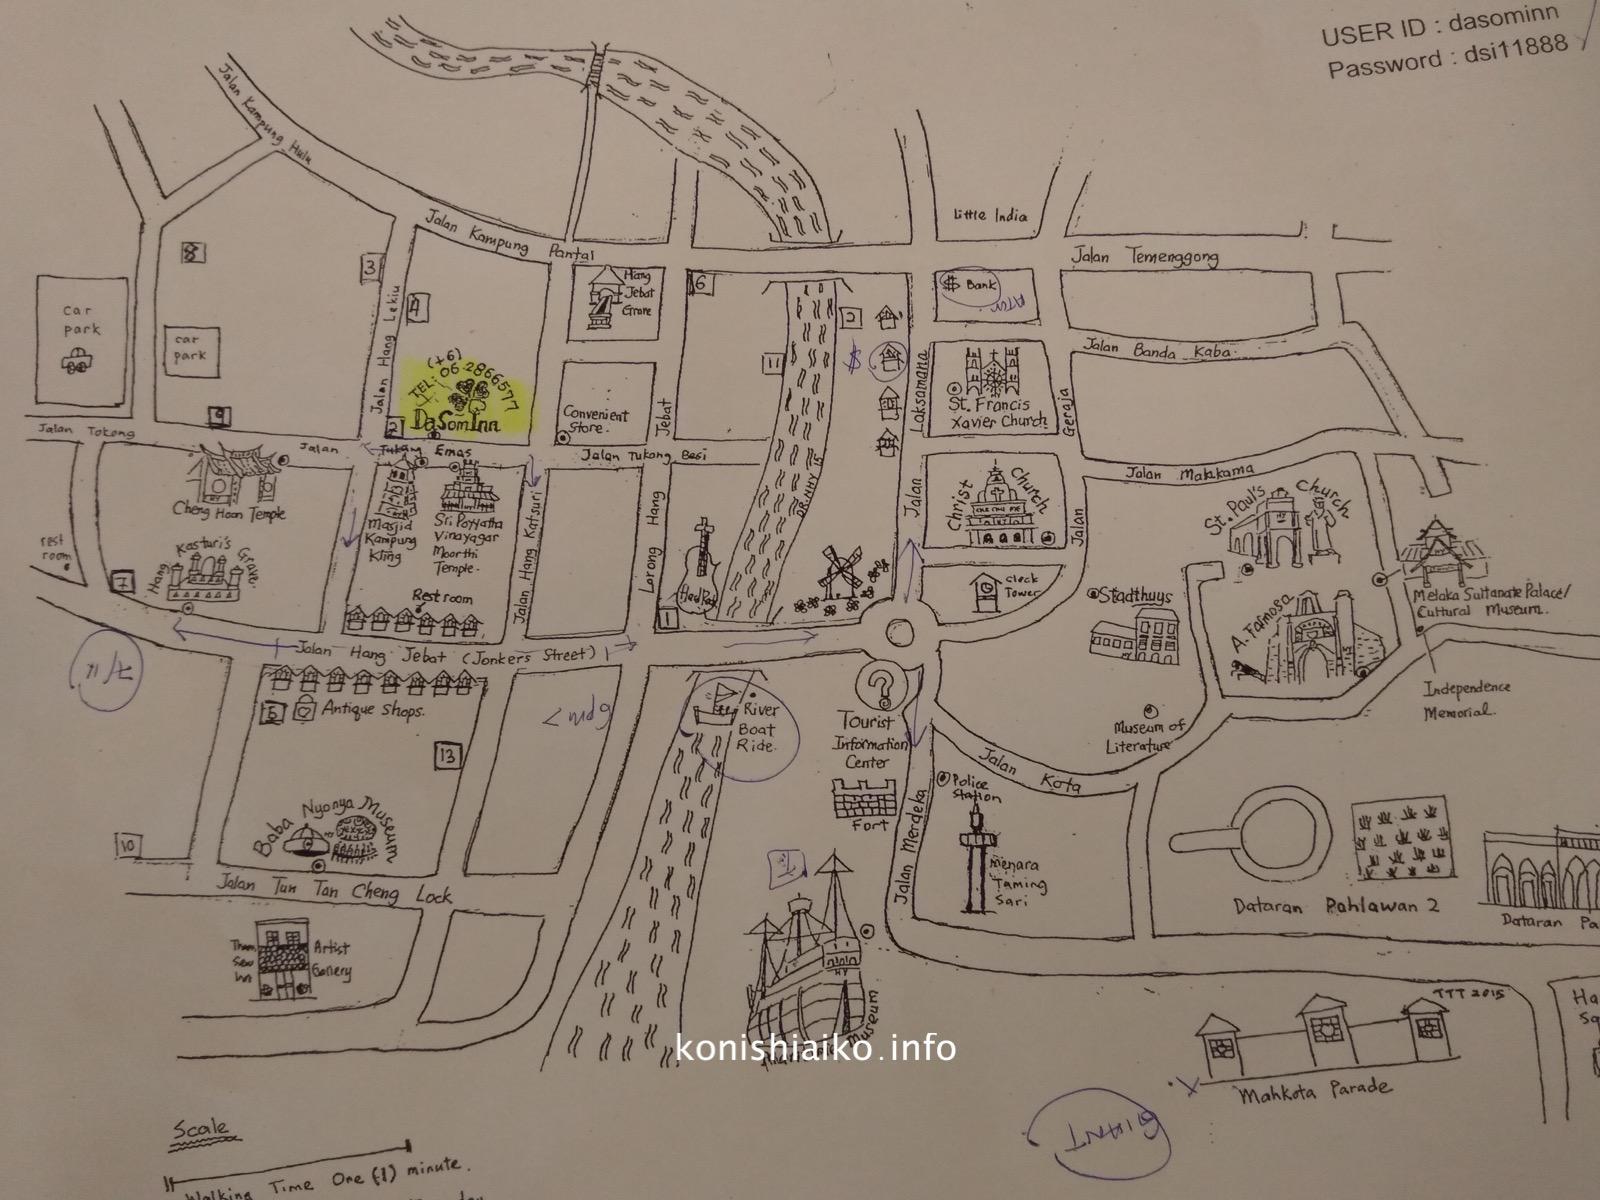 ホテル特製の地図。おすすめレストランが沢山書いてあって参考になった